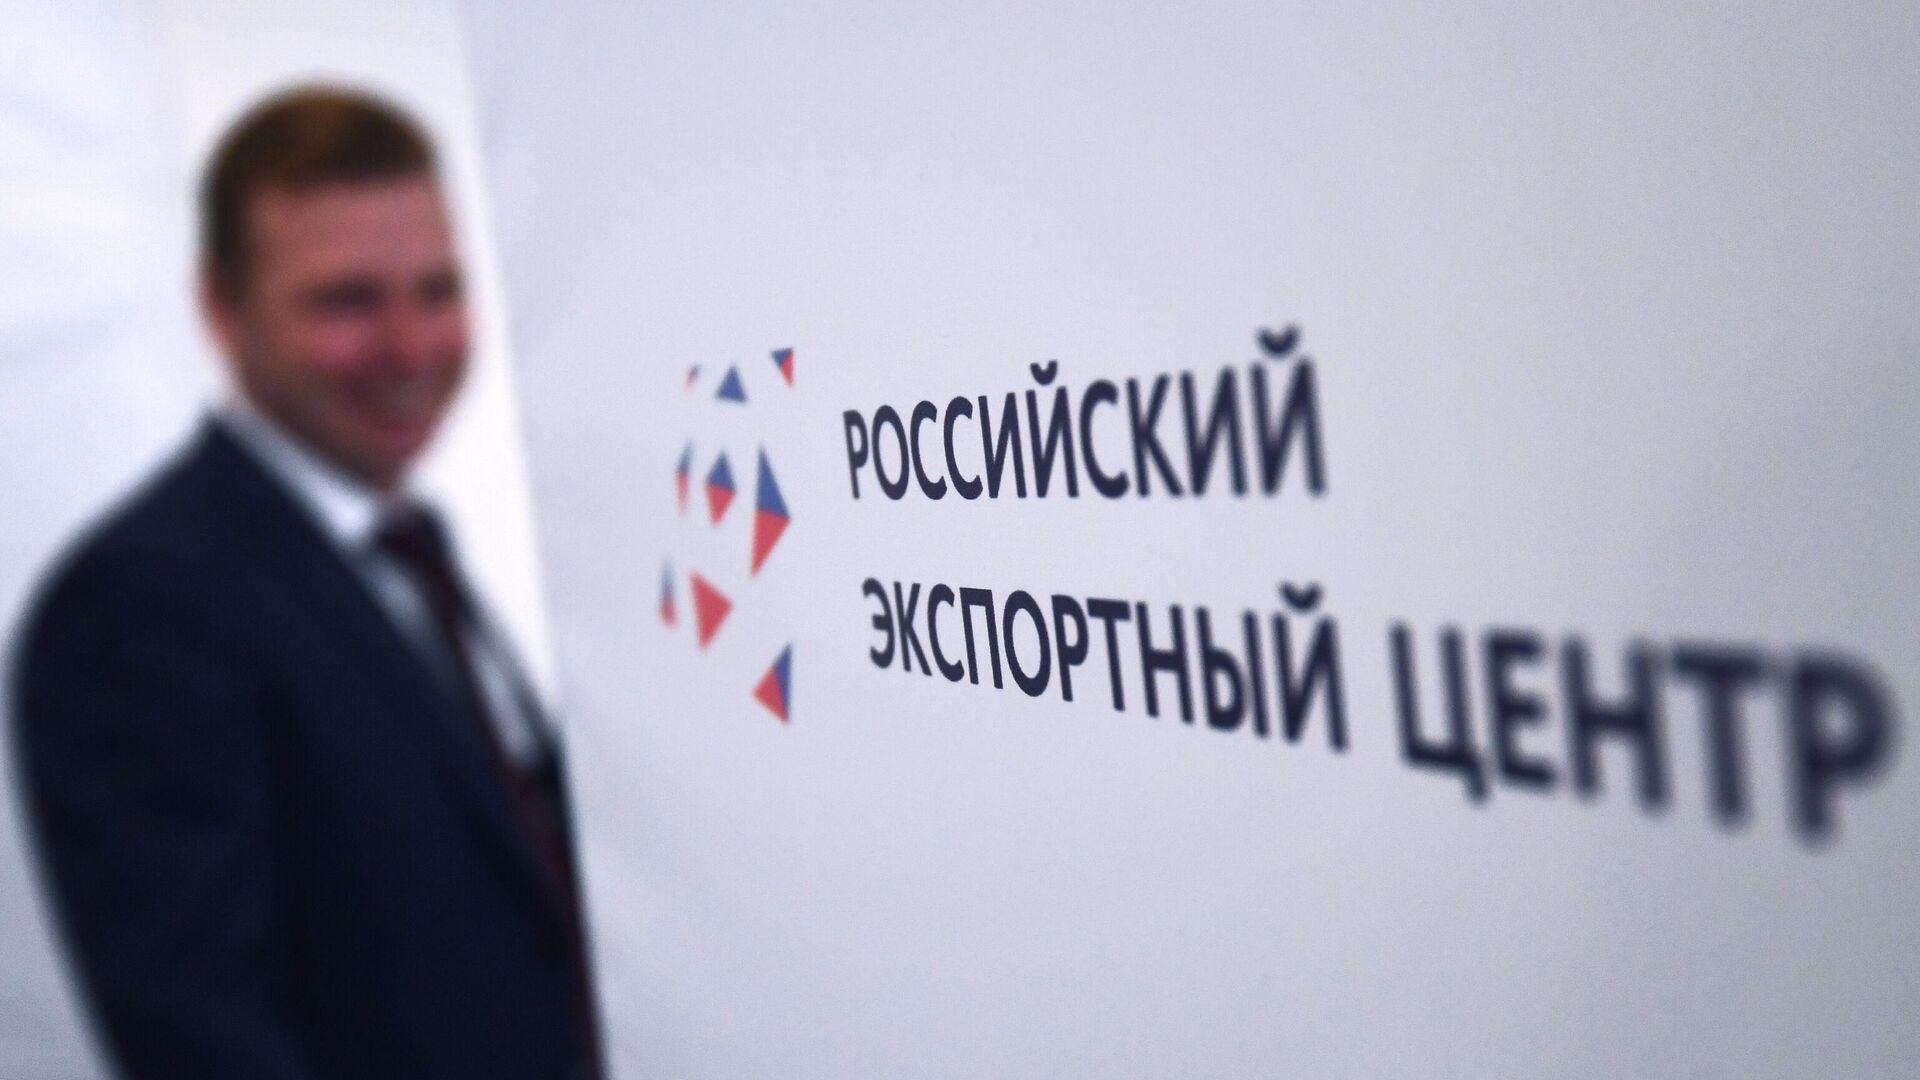 РЭЦ возобновляет поддержку создания сервисных центров за рубежом - РИА Новости, 27.09.2021